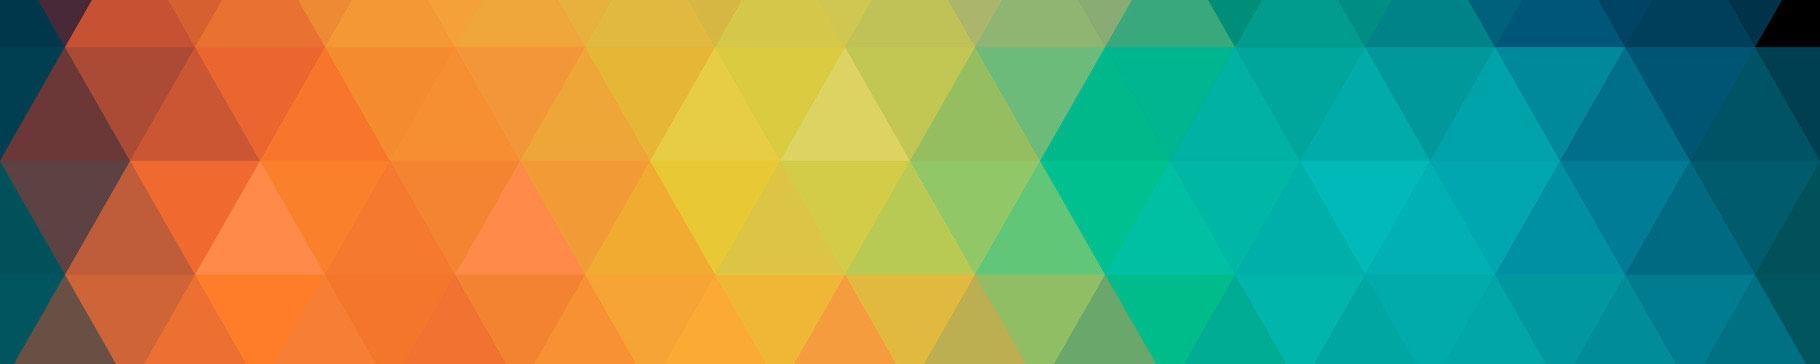 5 reglas sobre el color para una web profesional - Jimdo